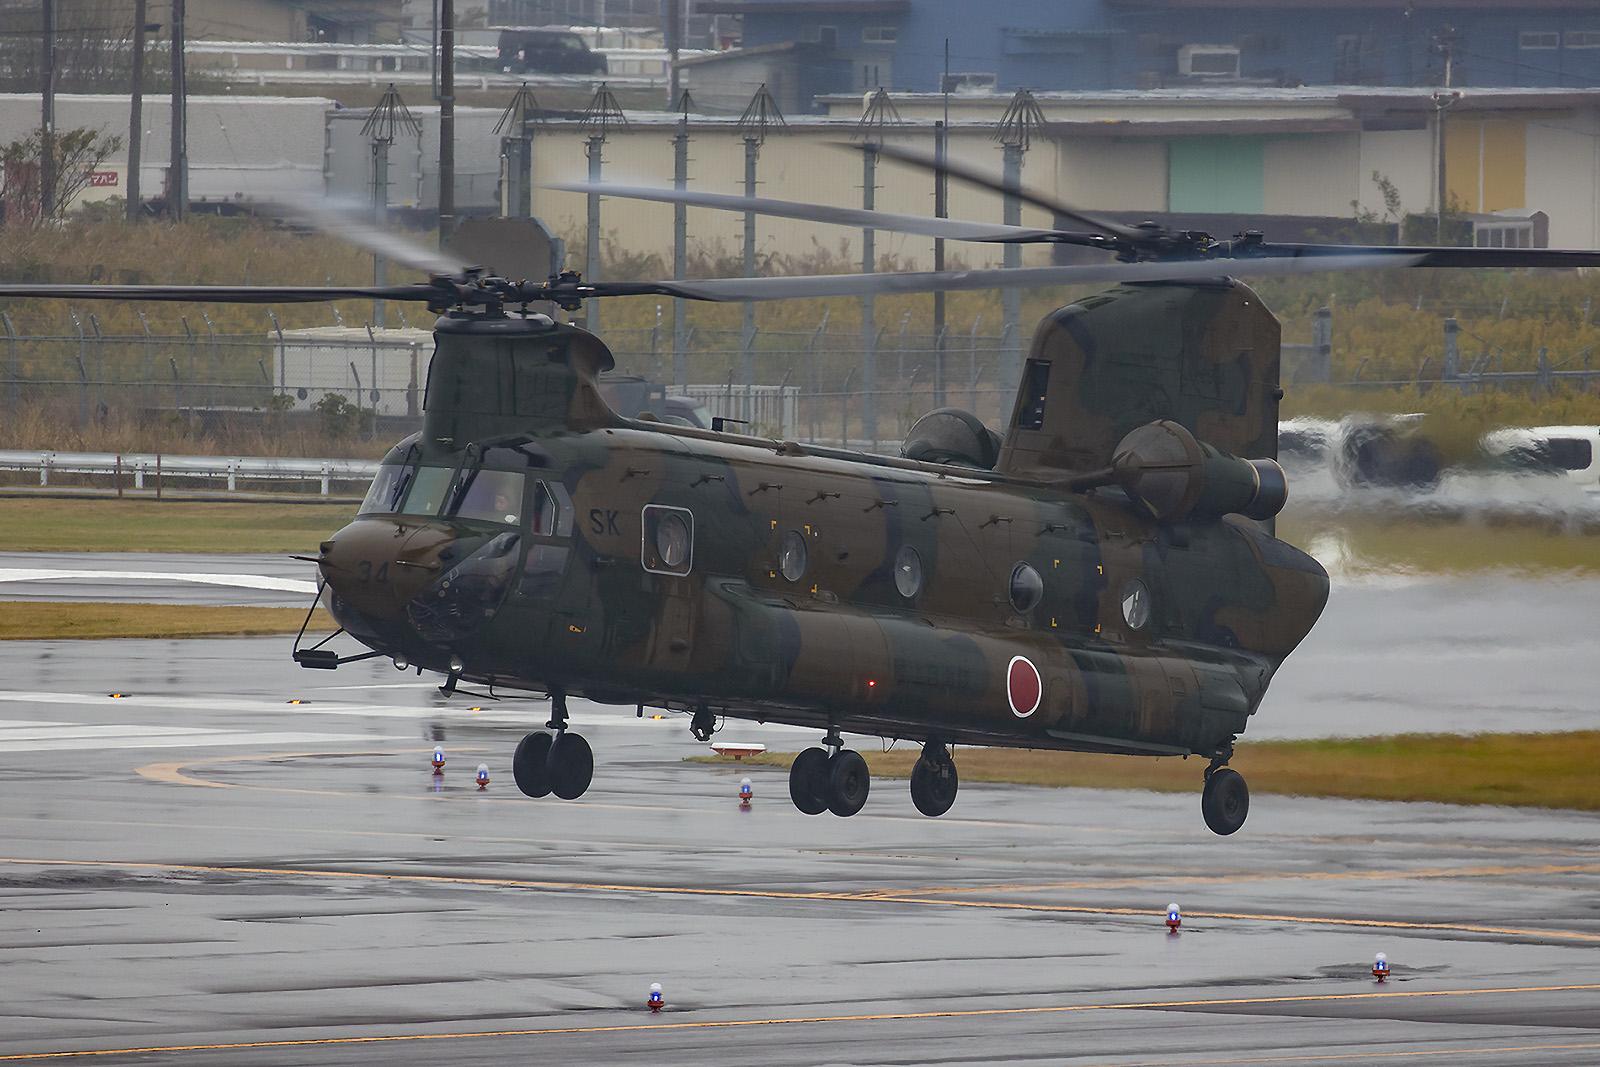 Der schwere Transporthubschrauber Boeing-Vertol CH-47J Chinook.